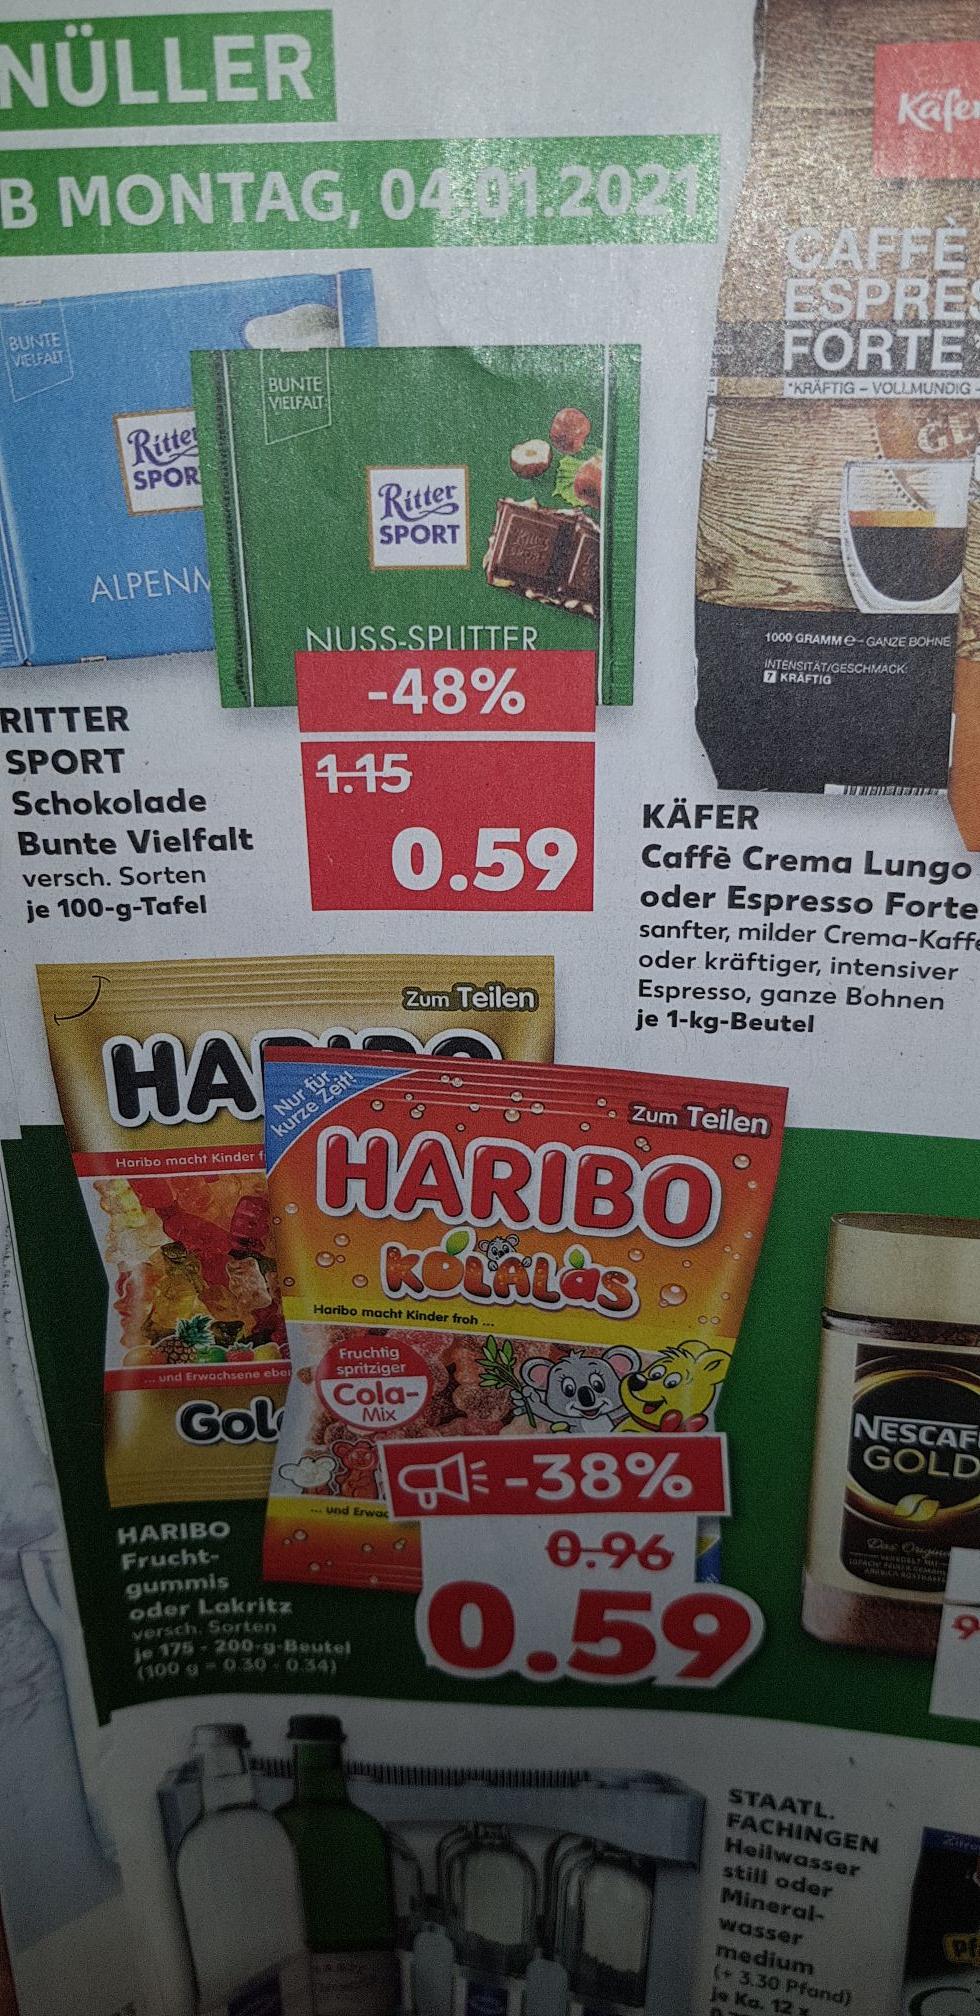 [Kaufland] Haribo 175-200g Beutel für 0,59 €